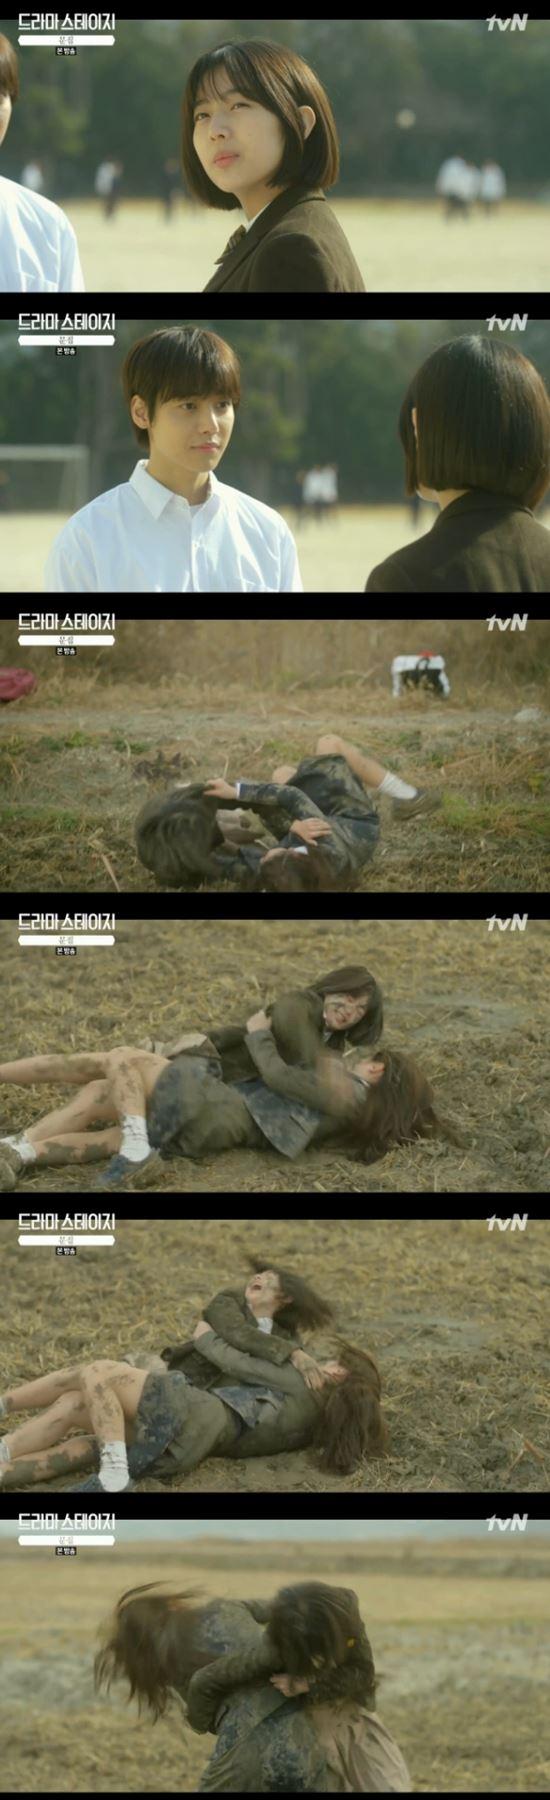 '문집' 신은수, 밭에서 구르며 싸웠다..무시무시한 서울소녀